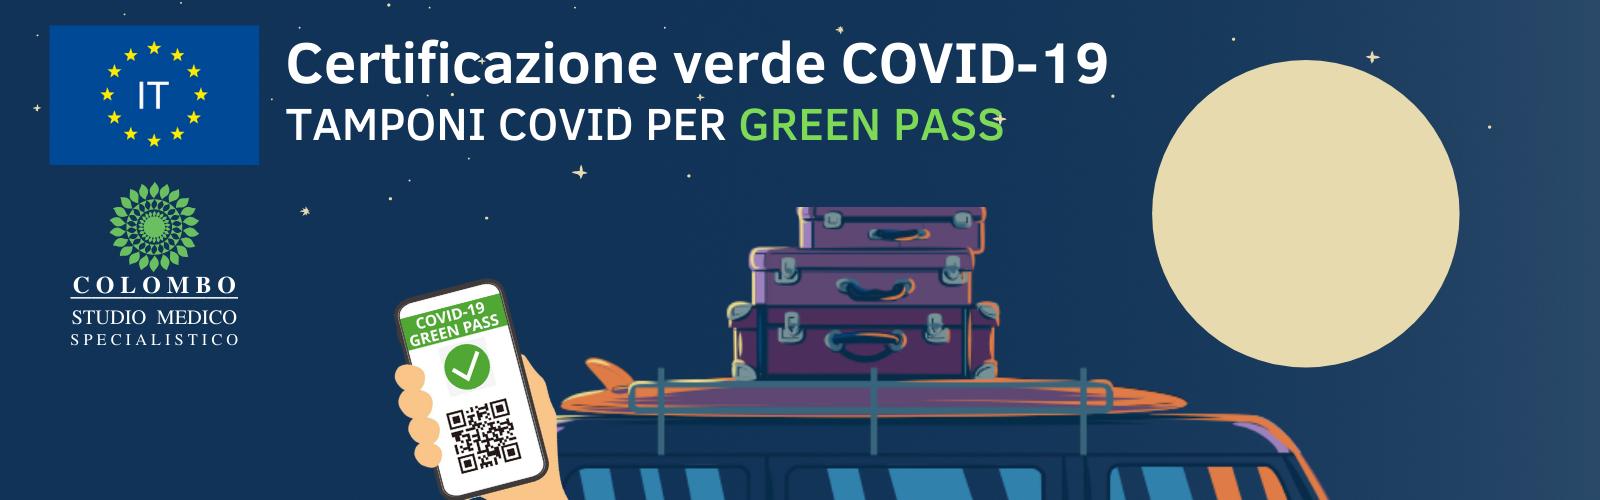 Certificazione-verde_1600x500